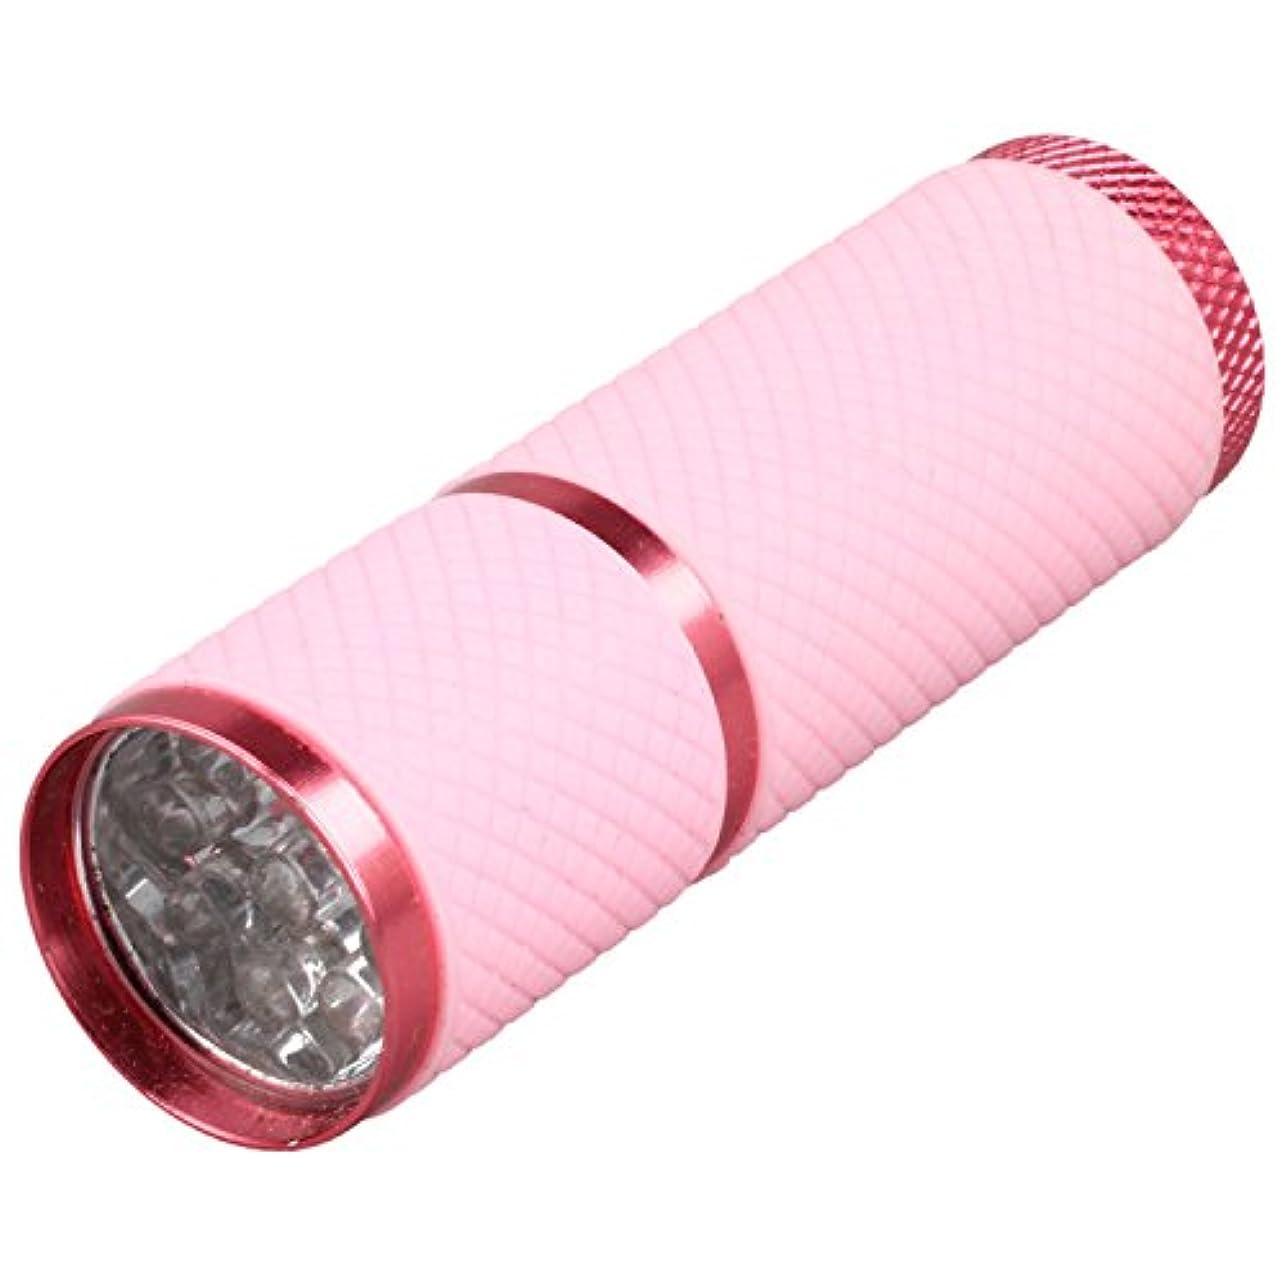 近代化する移行するアスリートCikuso 1個 ミニ9 LED Uv ゲル硬化ランプ バッテリーなし 携帯性ネイルドライヤー LEDフラッシュライト通貨検出器 アルミニウム合金 ピンクカラー